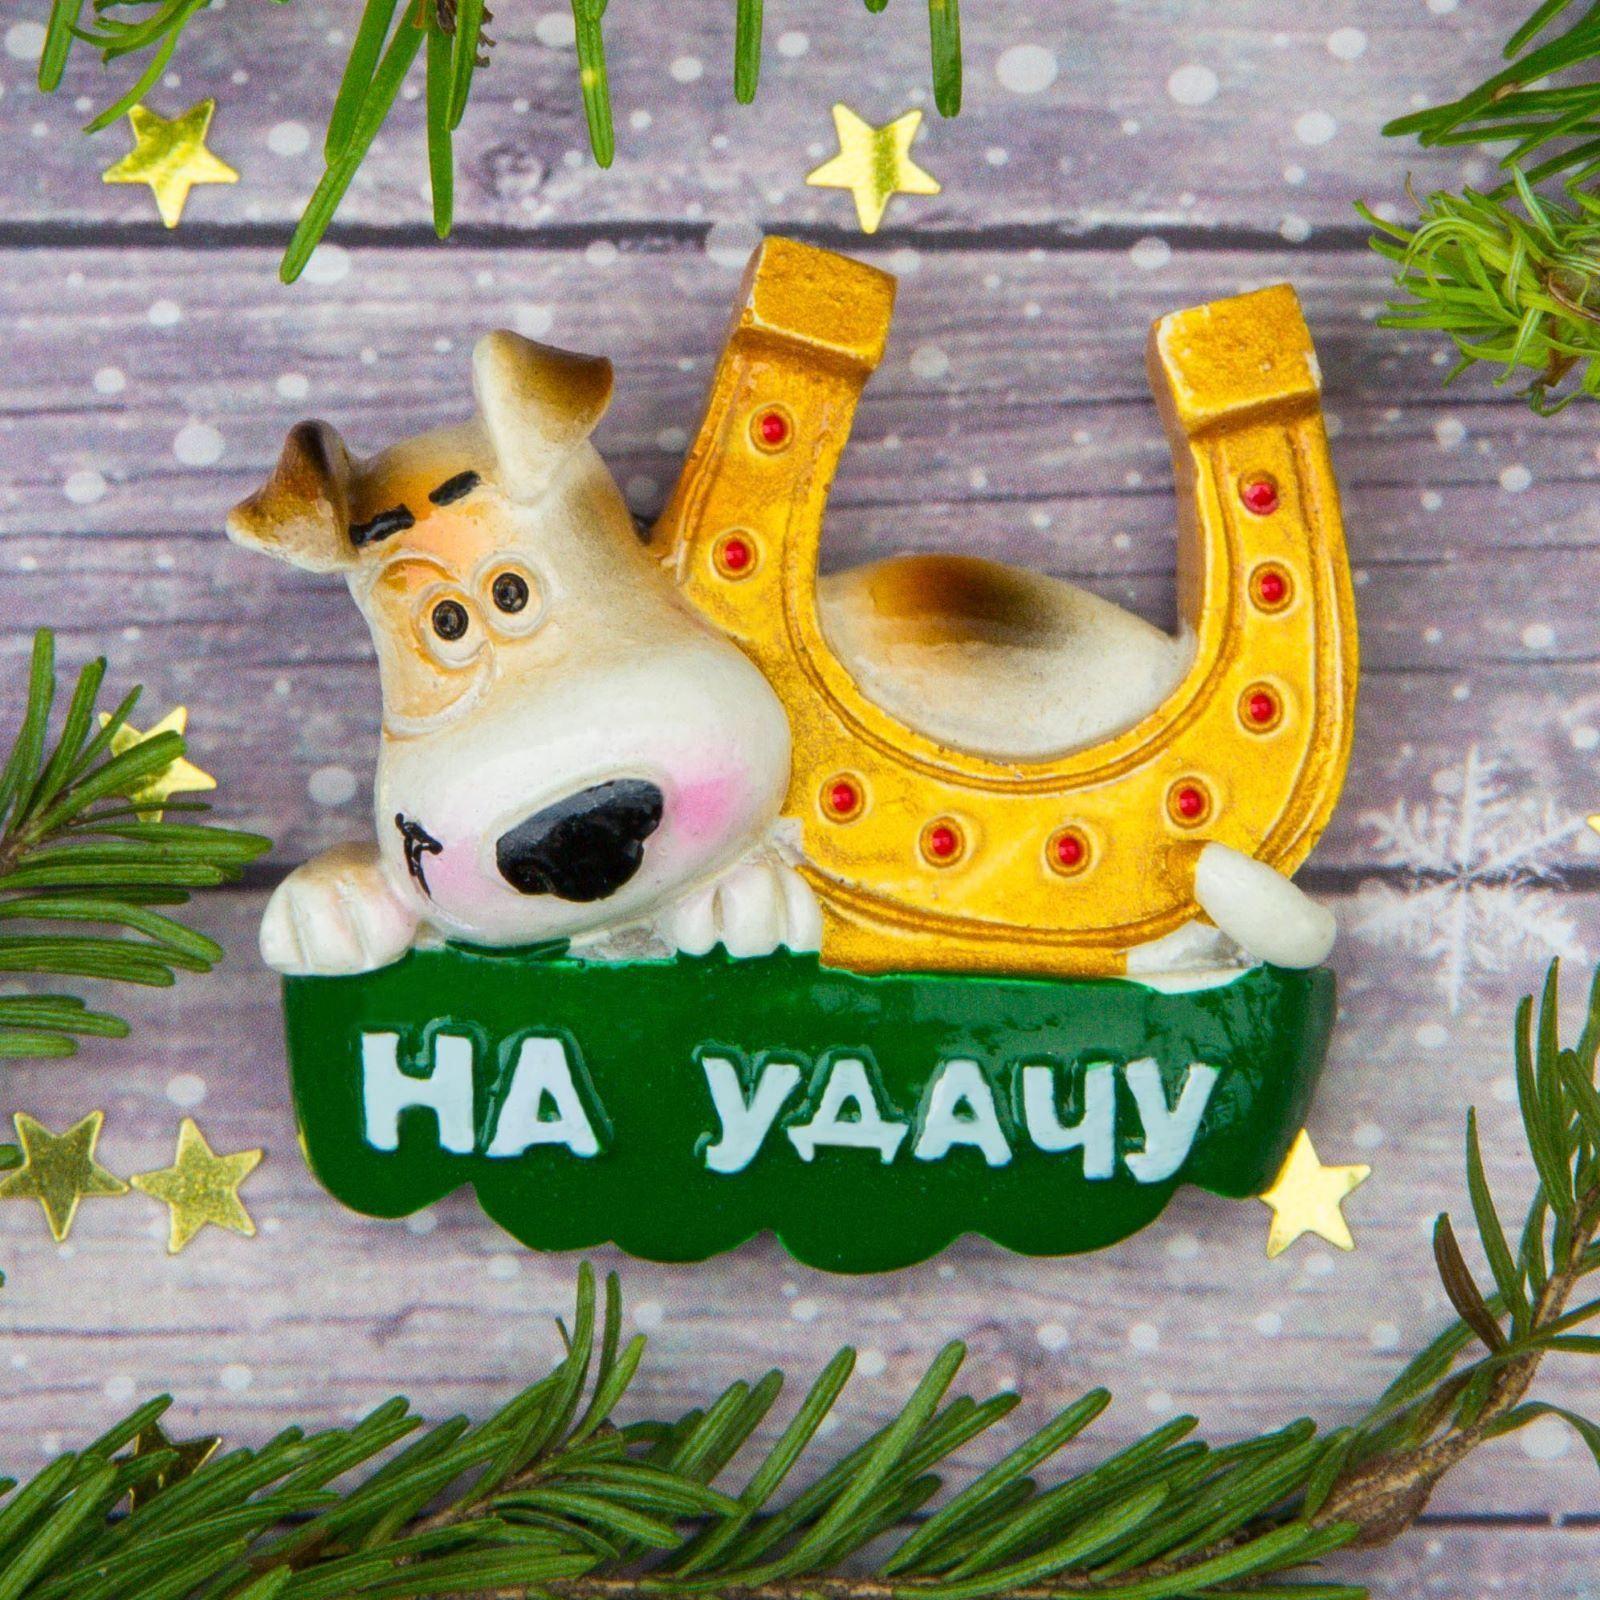 Магнит Sima-land На удачу, 5 х 4 см1933268Порадуйте родных и близких оригинальным сувениром: преподнесите в подарок магнит. С ним даже самый серьёзный человек почувствует себя ребёнком, ожидающим чудо! Создайте праздничное настроение, и оно останется с вами на весь год.